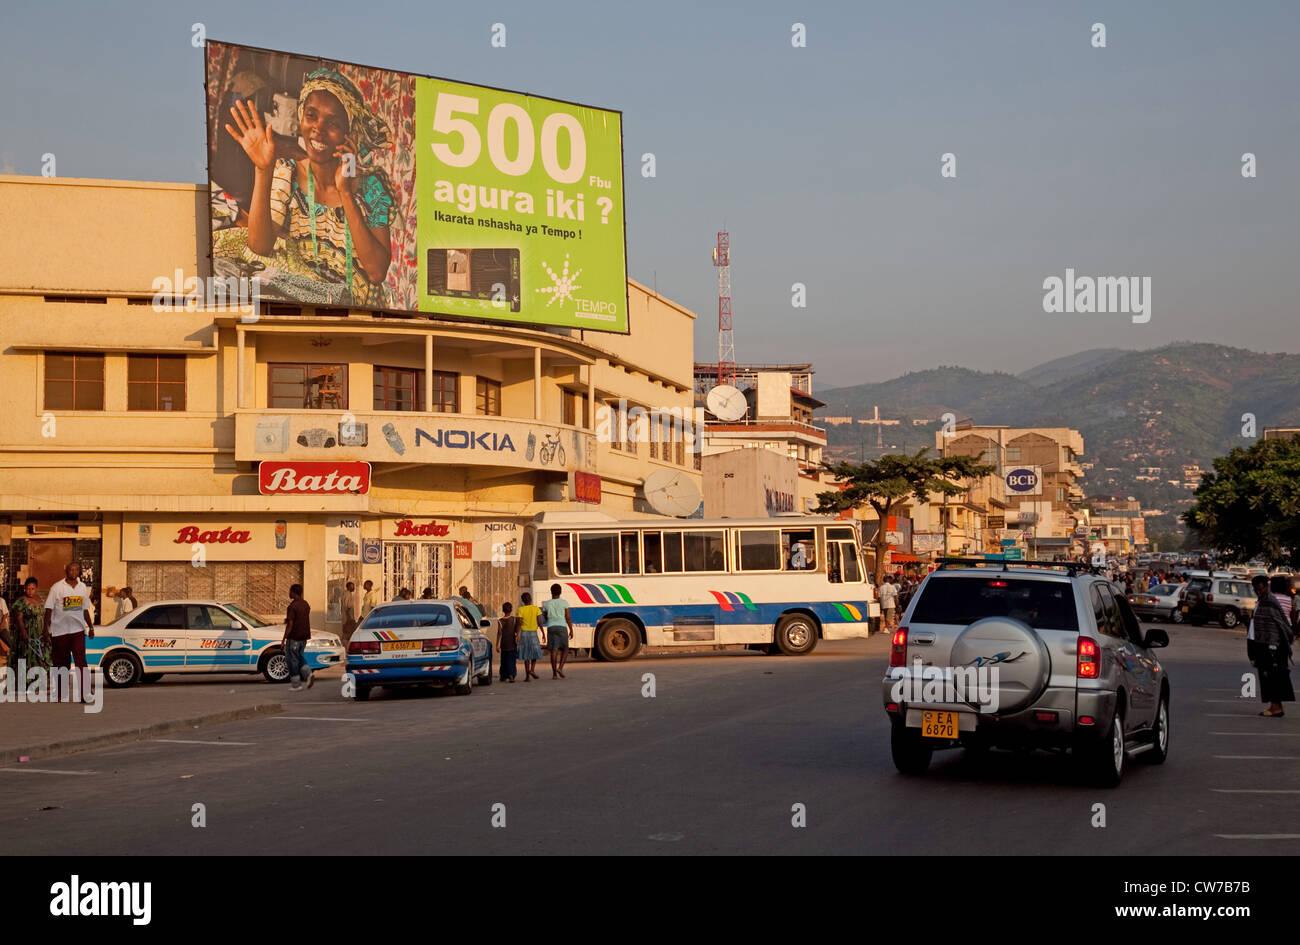 Straßenszene in der Hauptstadt mit kleinen Geschäften in der Nähe der Hauptmarkt, Bujumbura Burundi, Stockbild